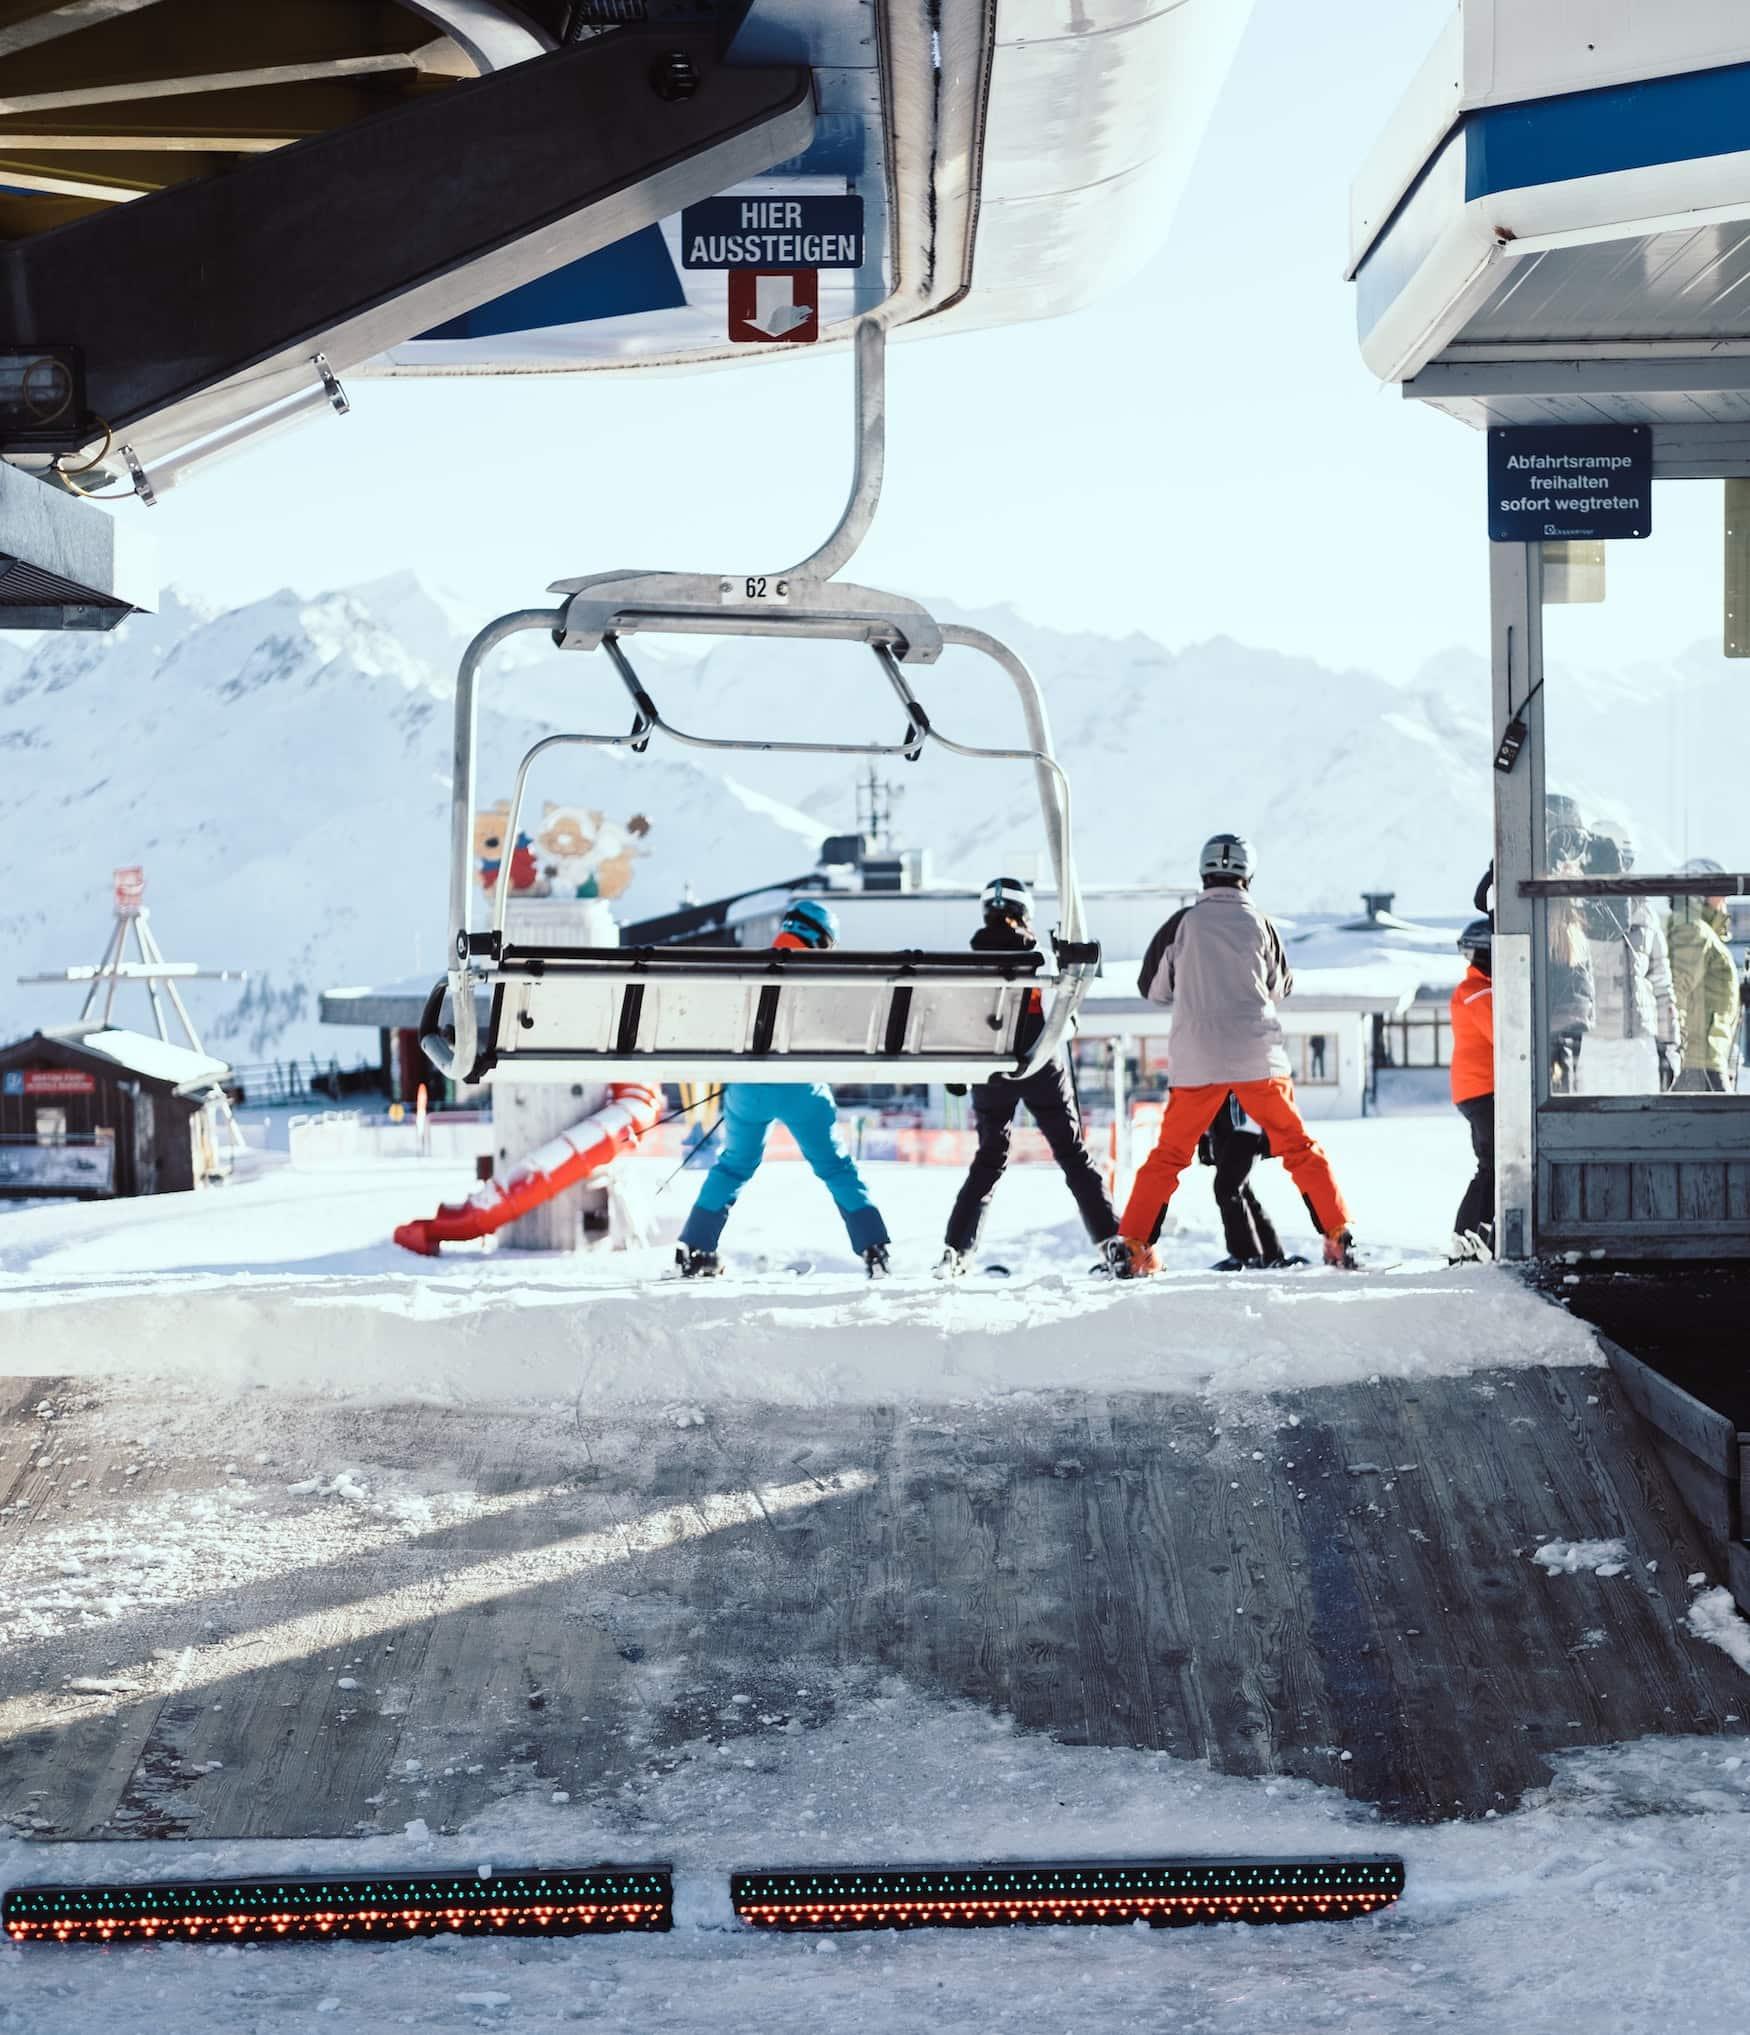 Skifahrer warten an Skilift in Österreich